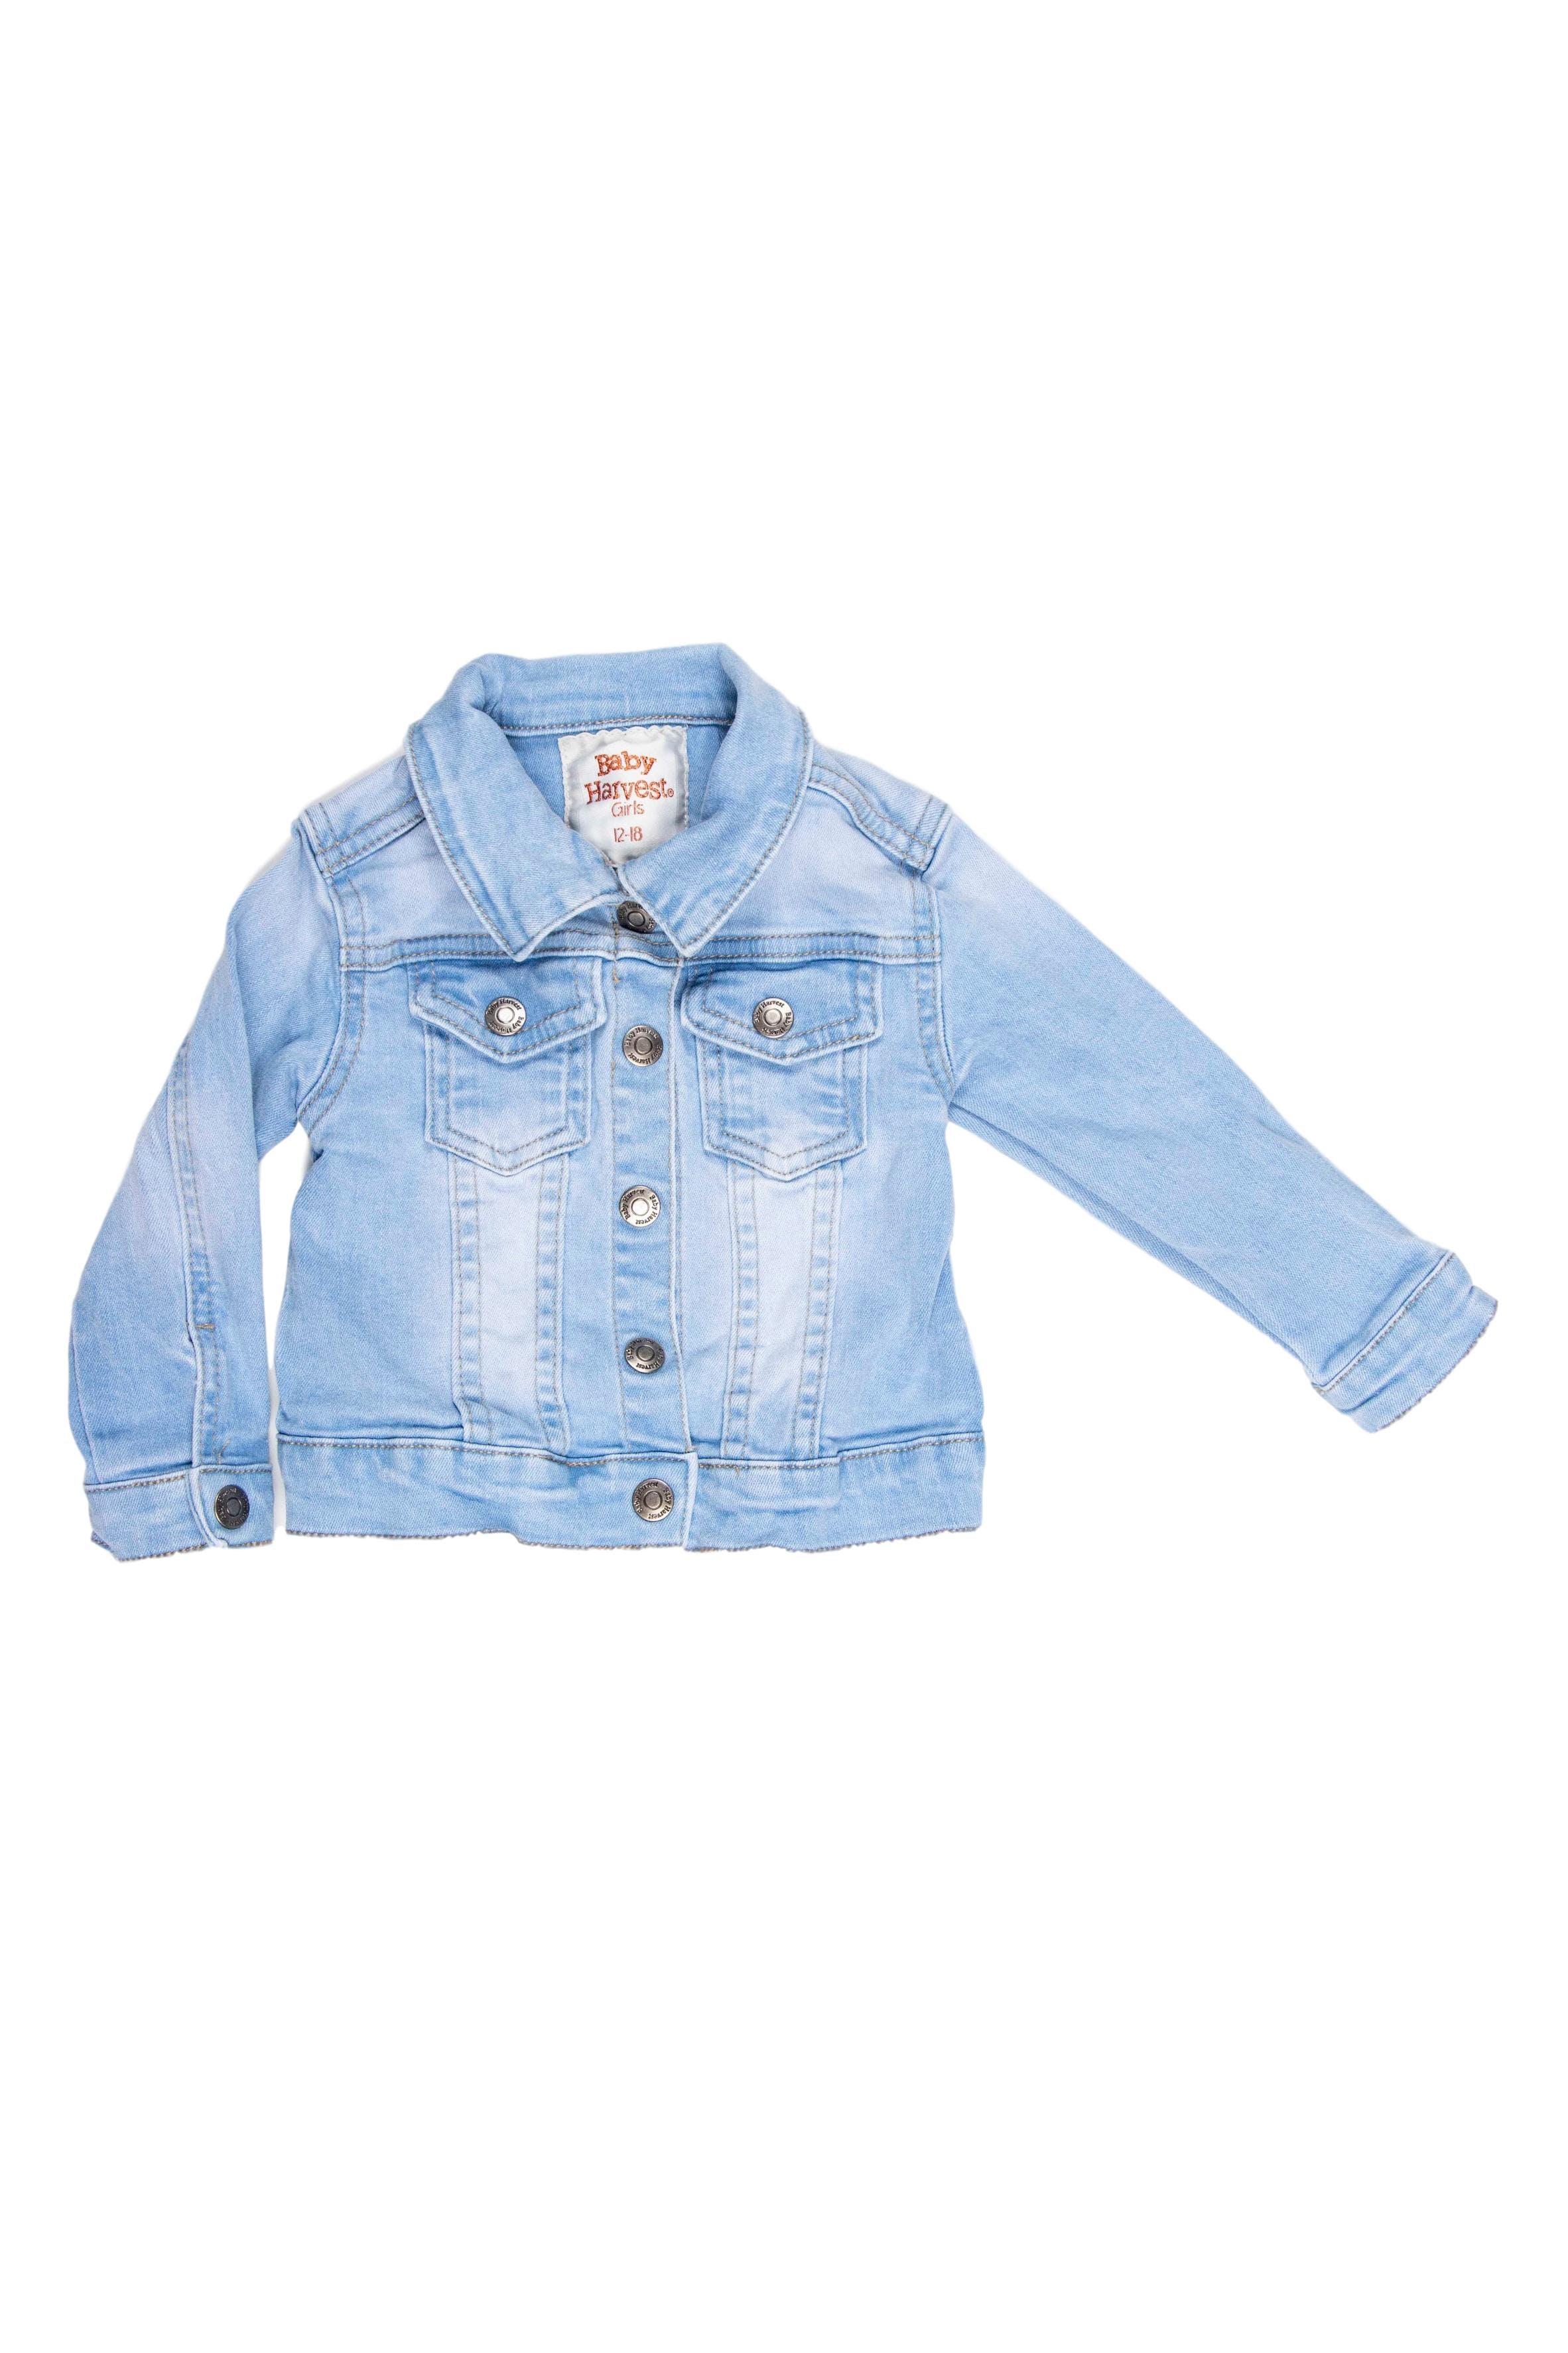 Casaca jean celeste 98% algodón. Etiqueta dice 12 - 18 pero la vemos chica hasta 15 meses aproximadamente - Harvest